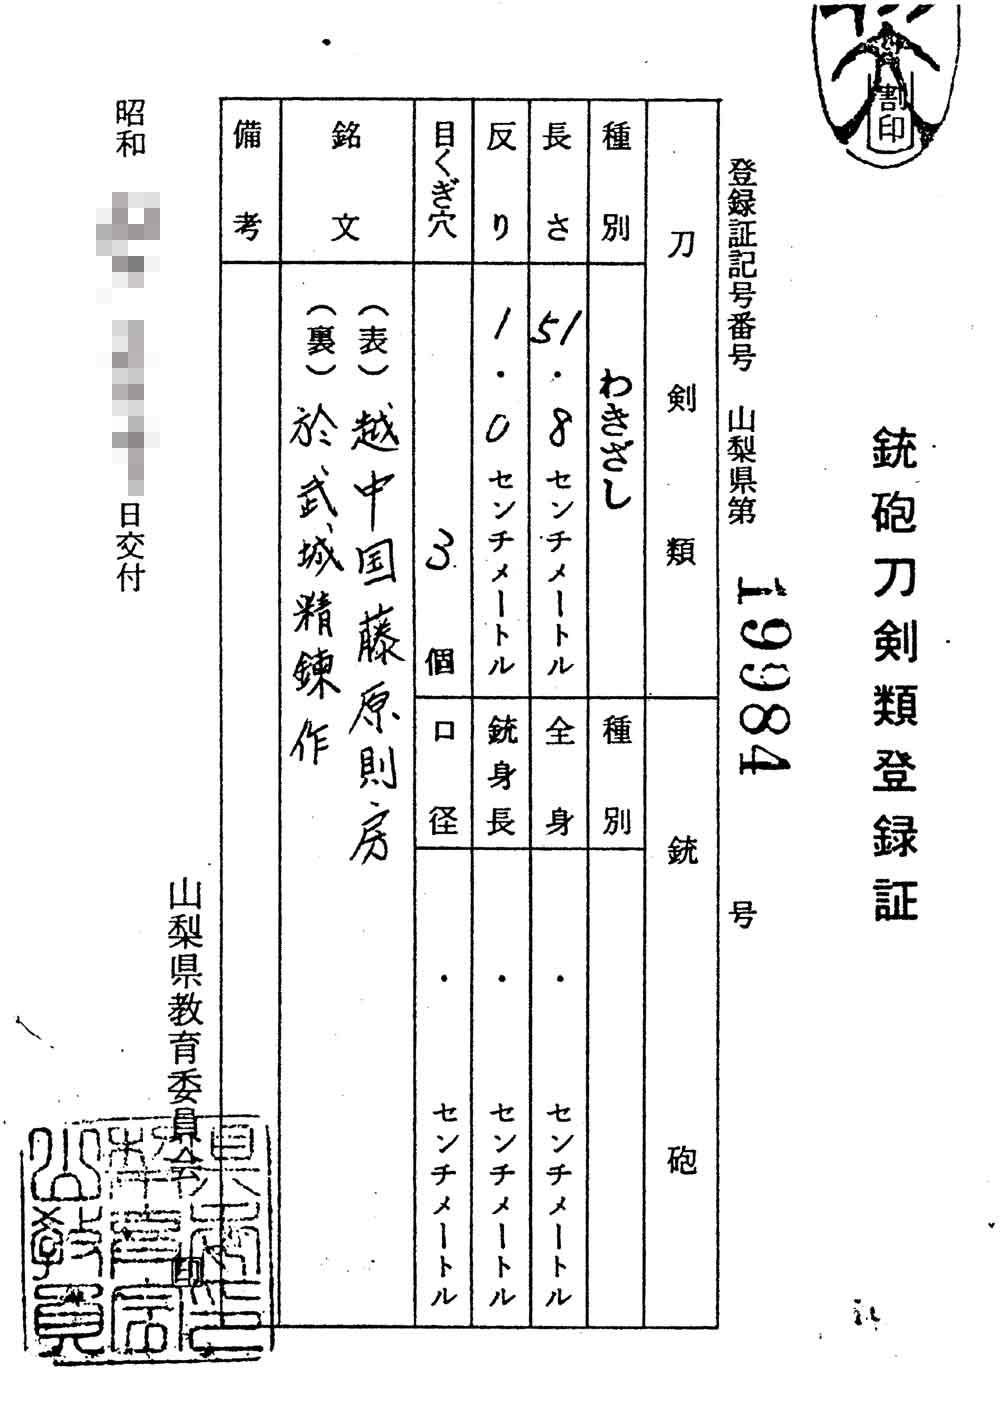 越中則房の登録証